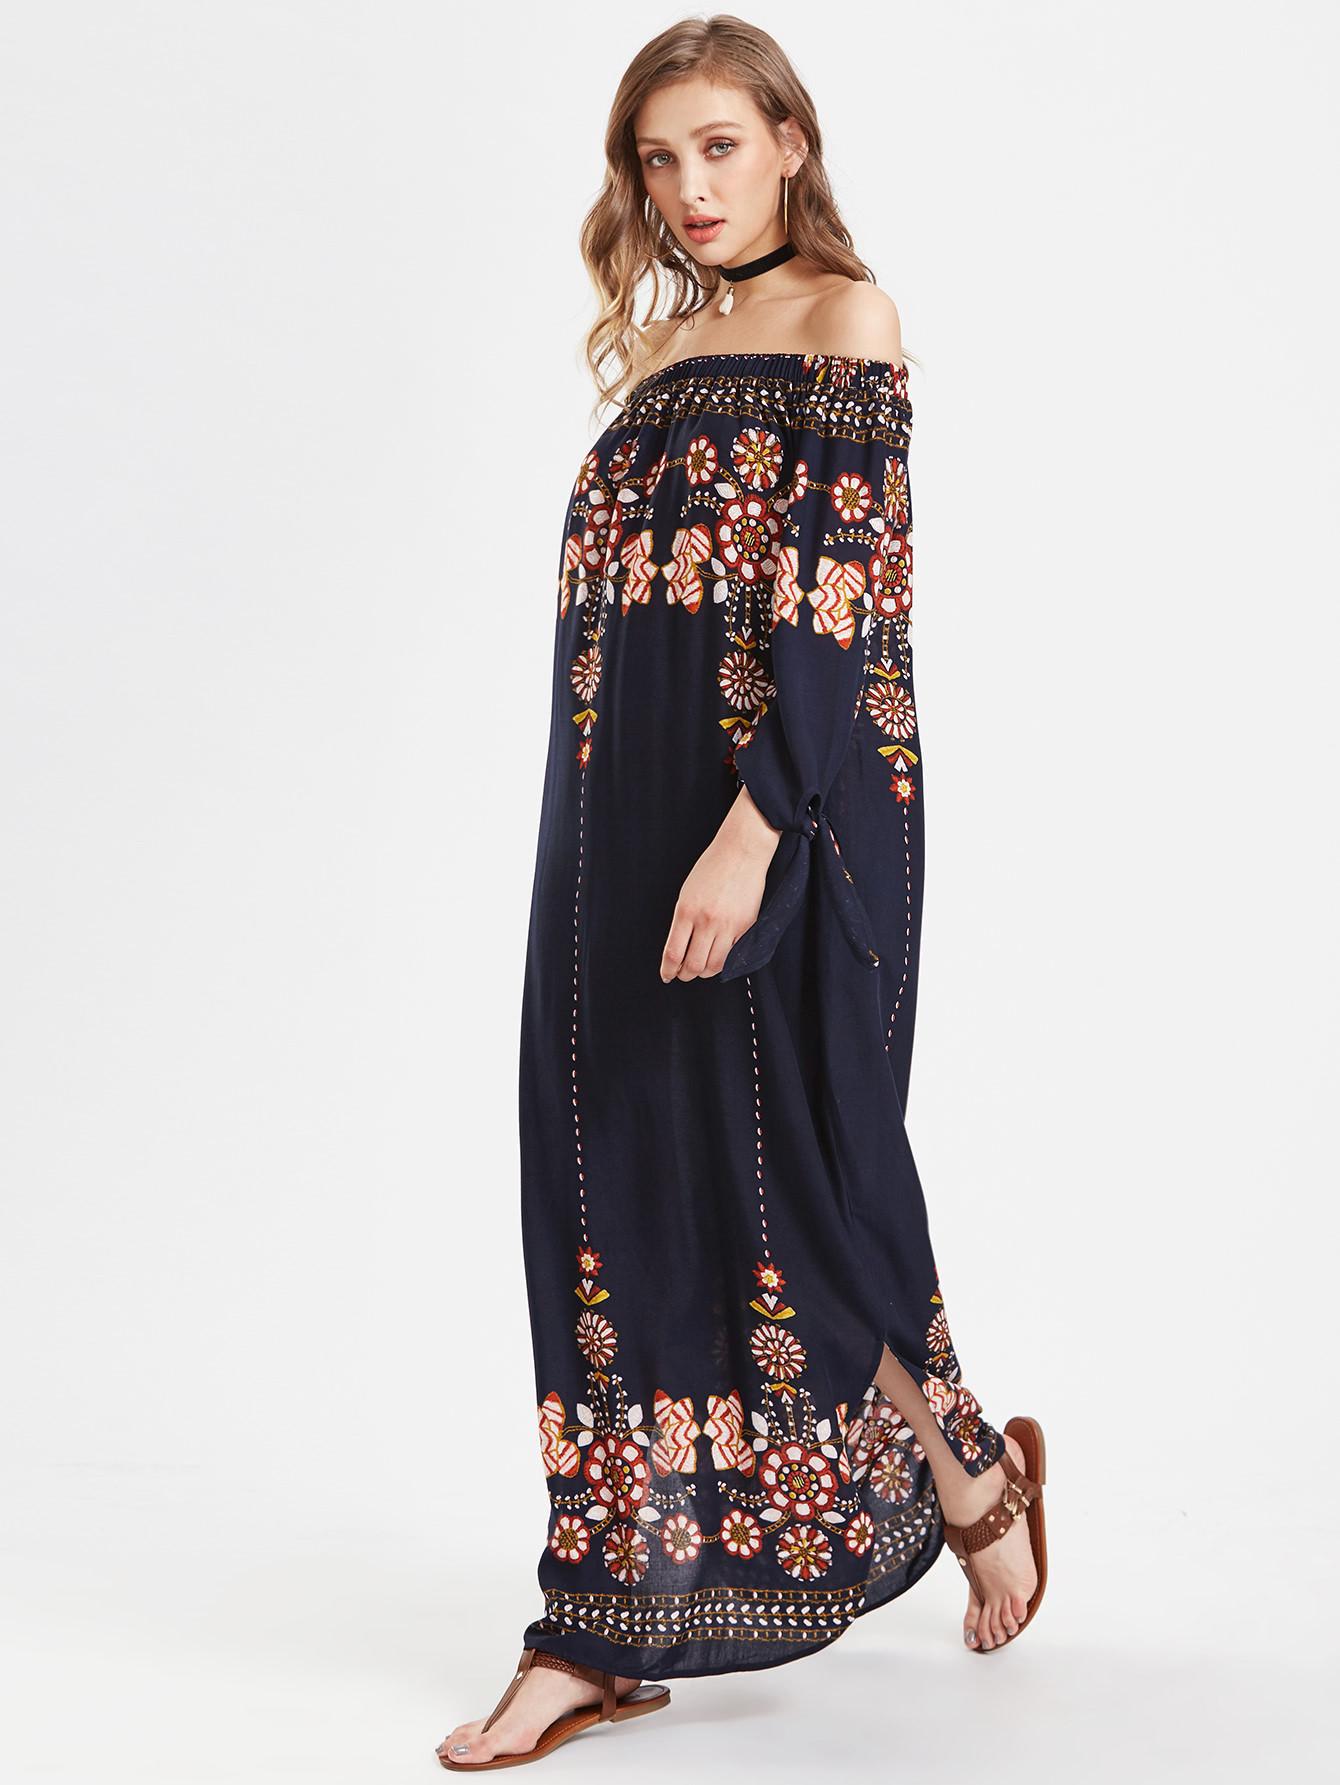 платье с длинным рукавом в стиле бохо фото